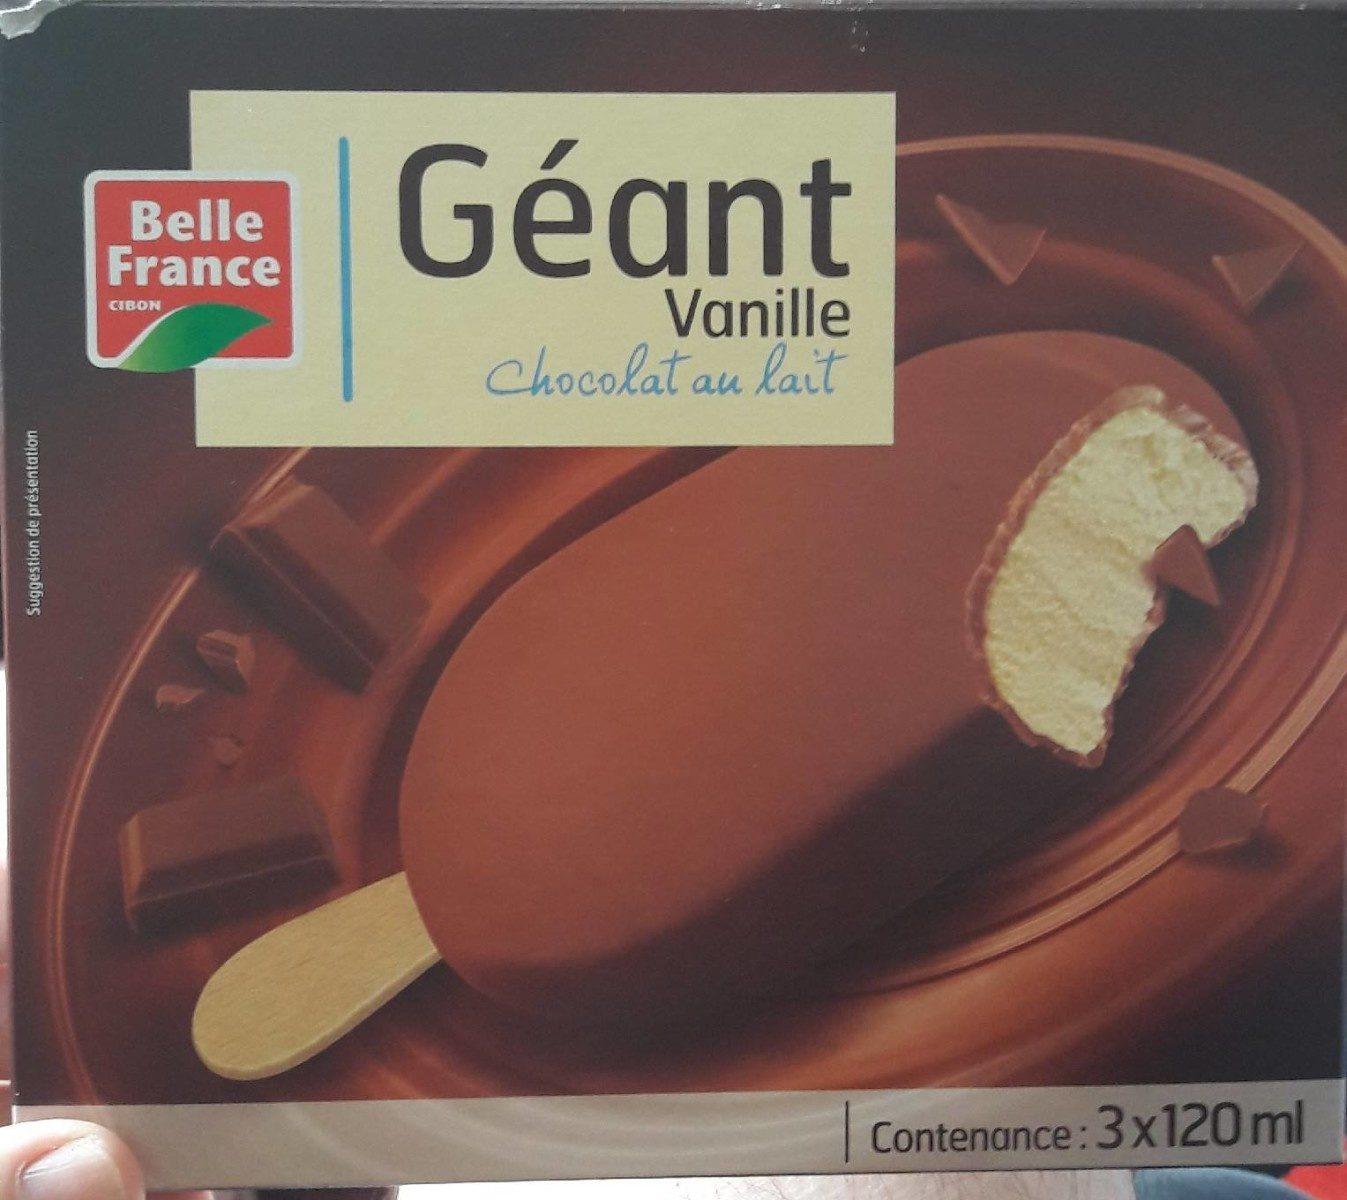 Géant Vanille Chocolat au lait - Produit - fr